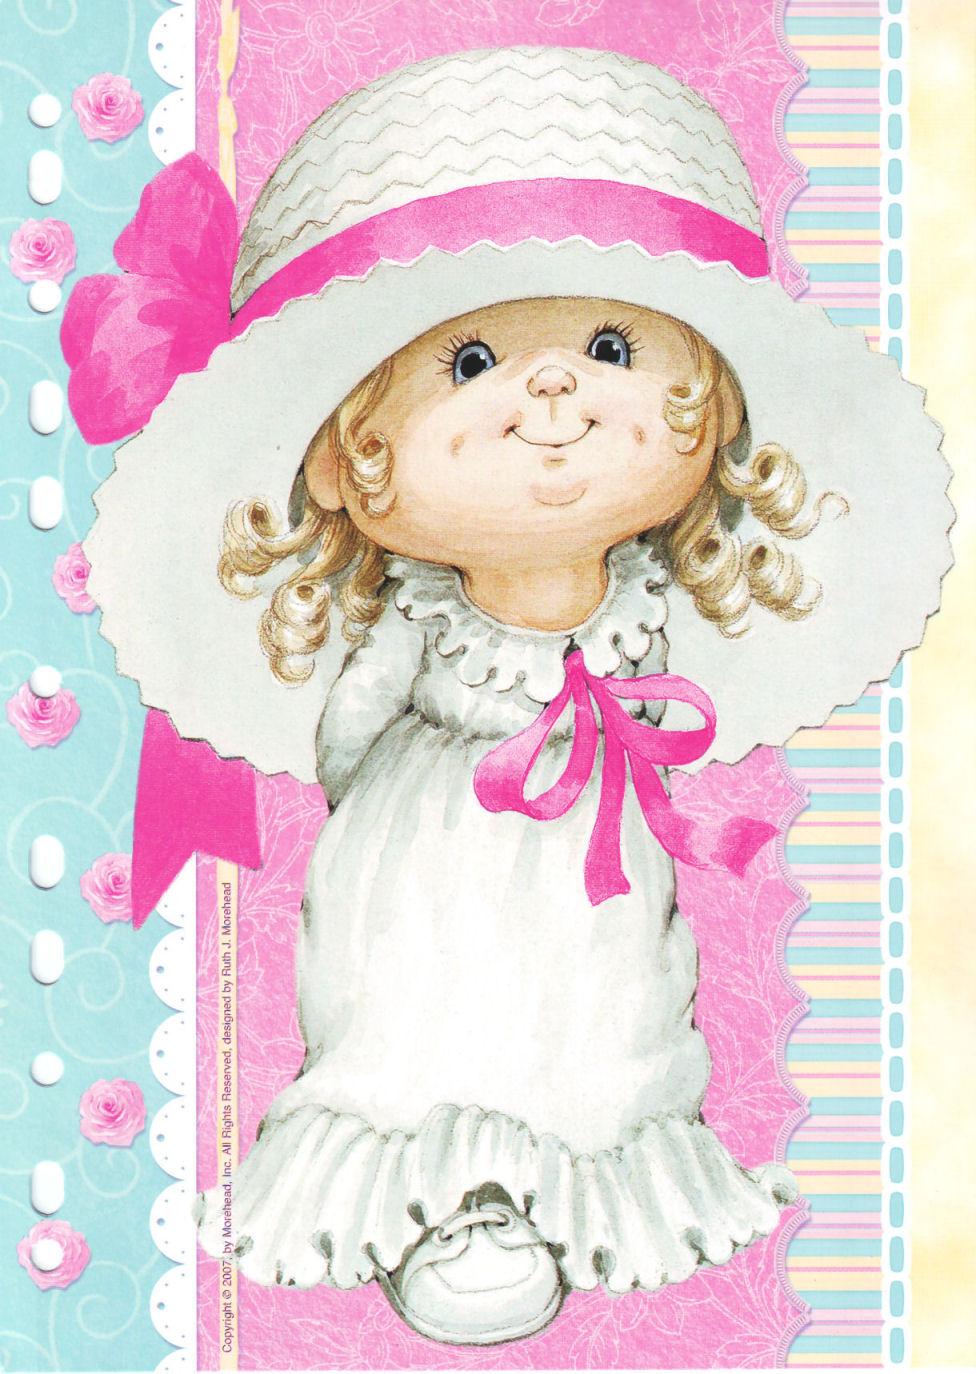 Малышку с днем рождения в картинках